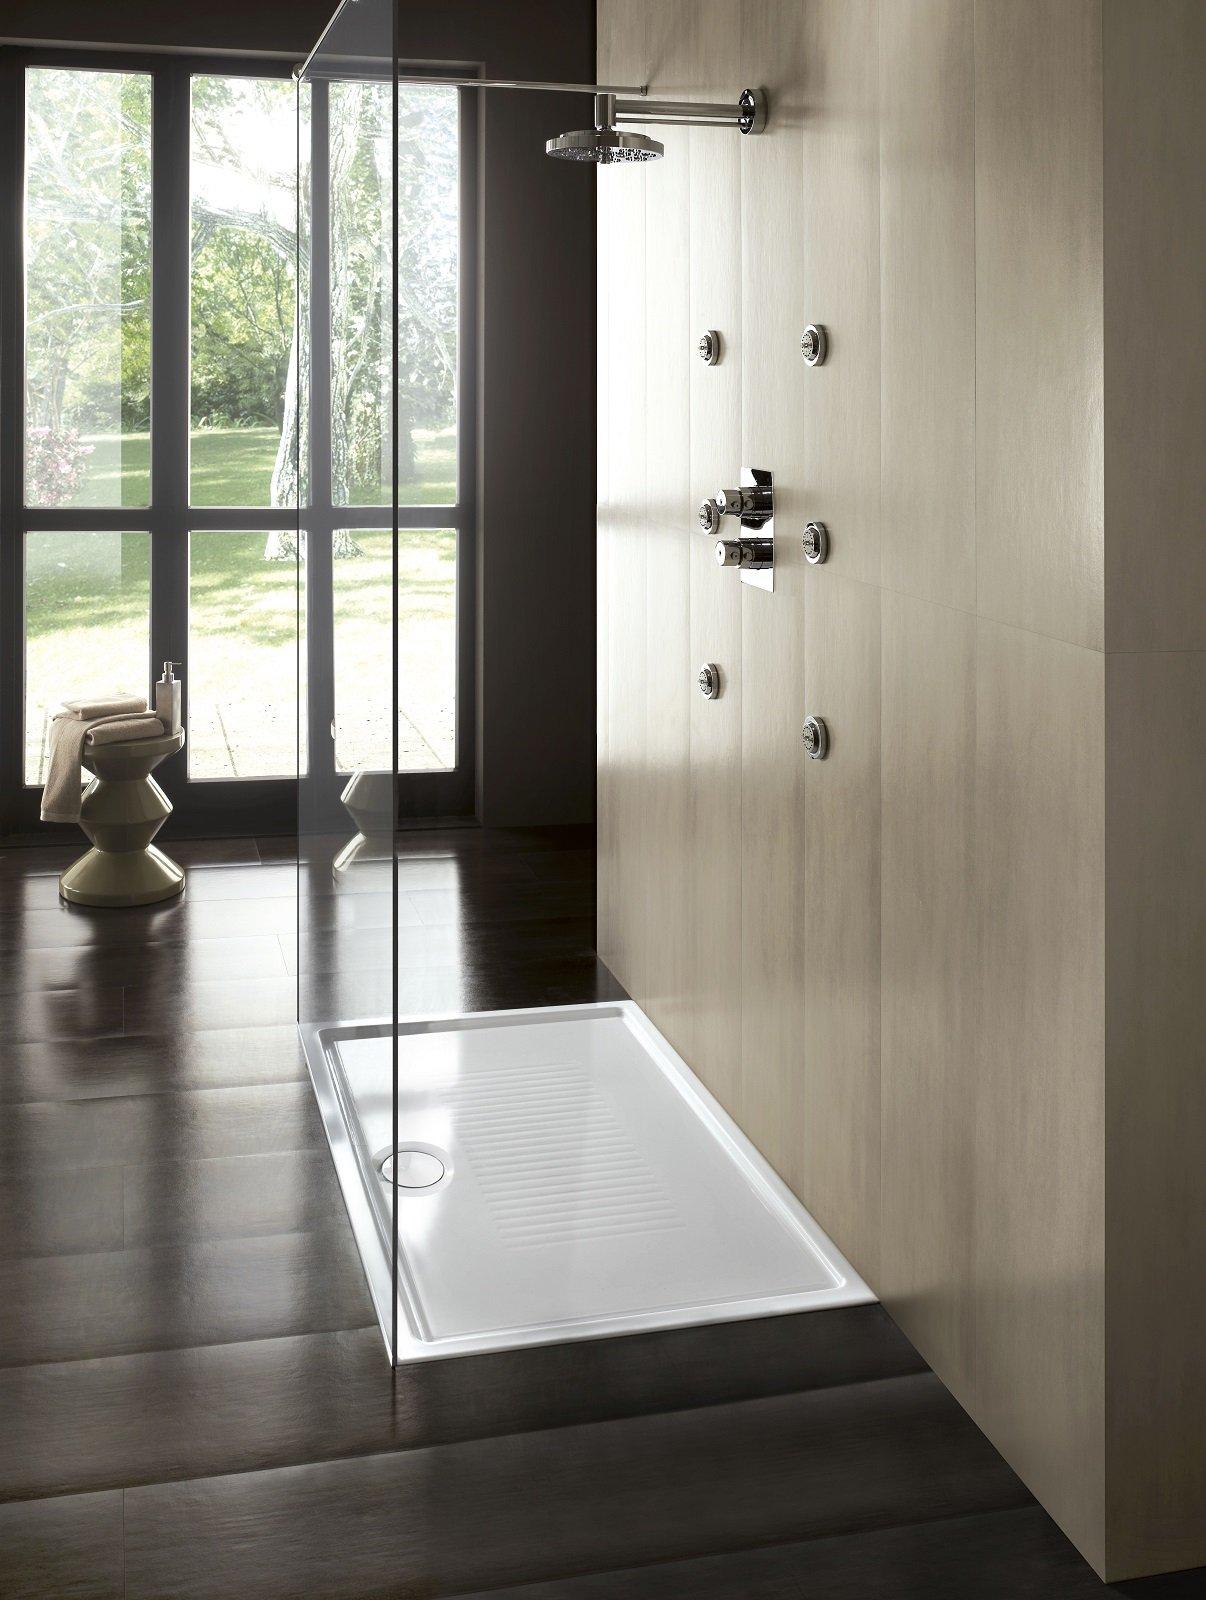 come costruire un piatto doccia con piastrelle: piatto doccia da ... - Come Costruire Un Piatto Doccia Con Piastrelle